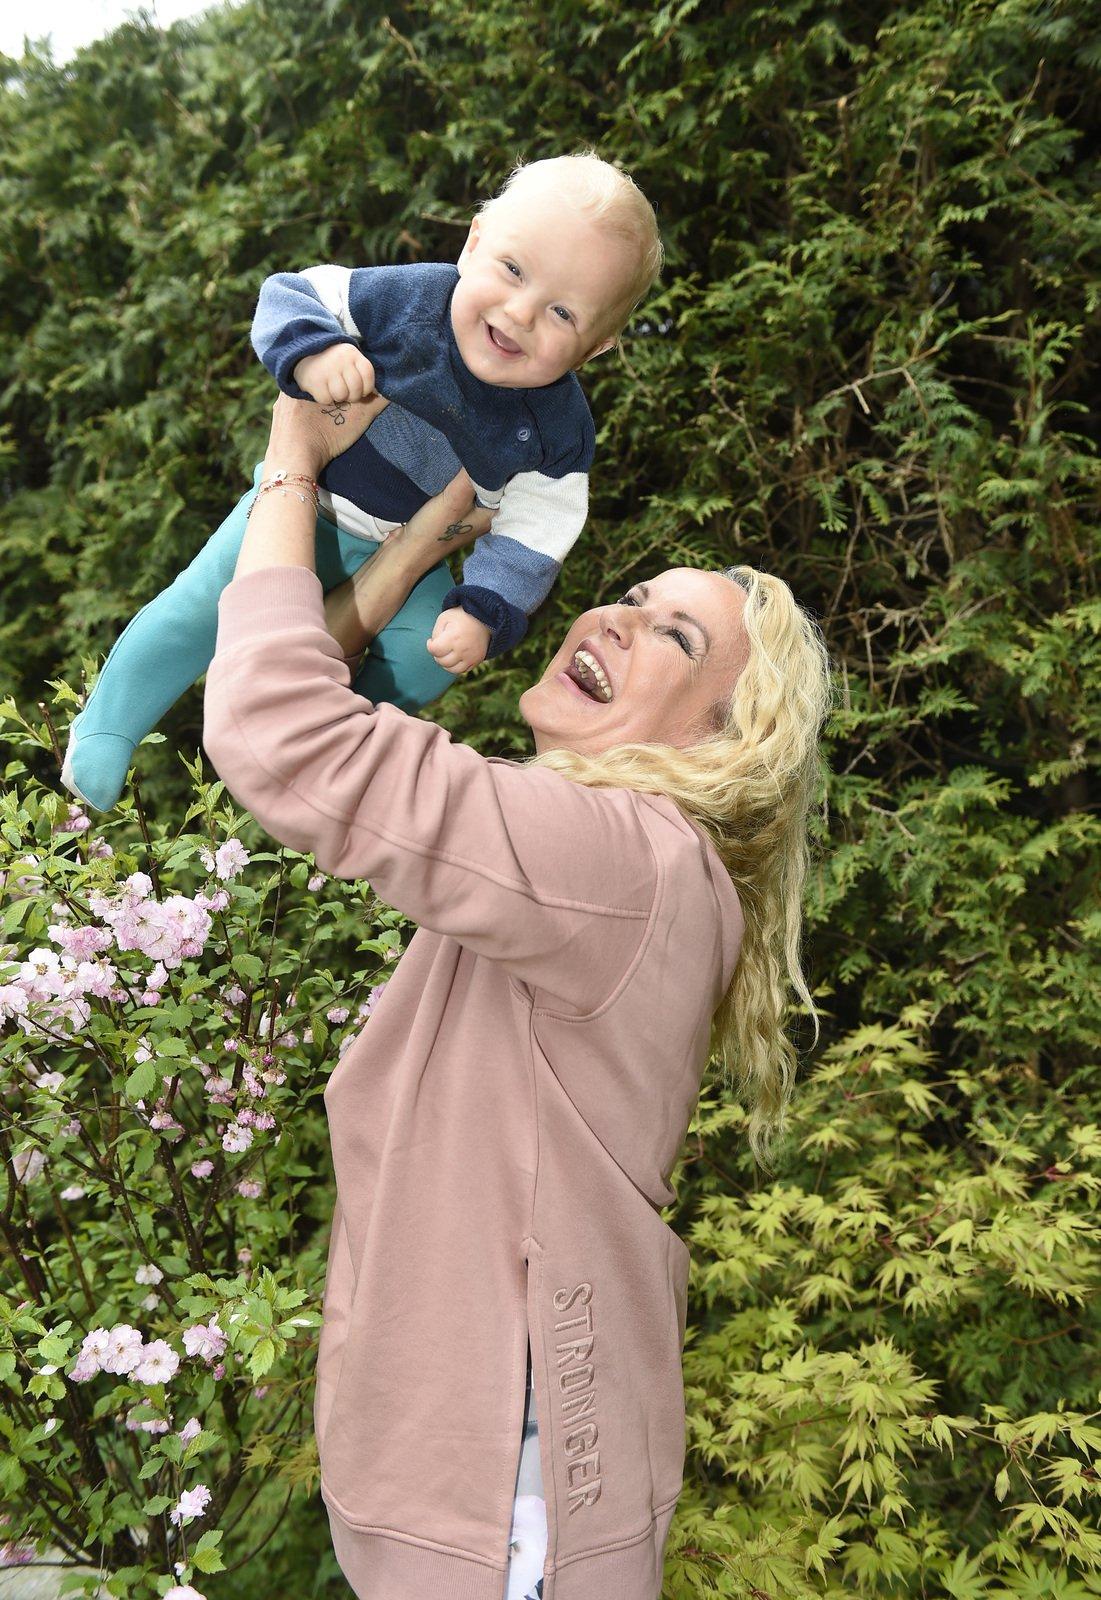 Vendula si mateřství se synem Pepíčkem naplno užívá.